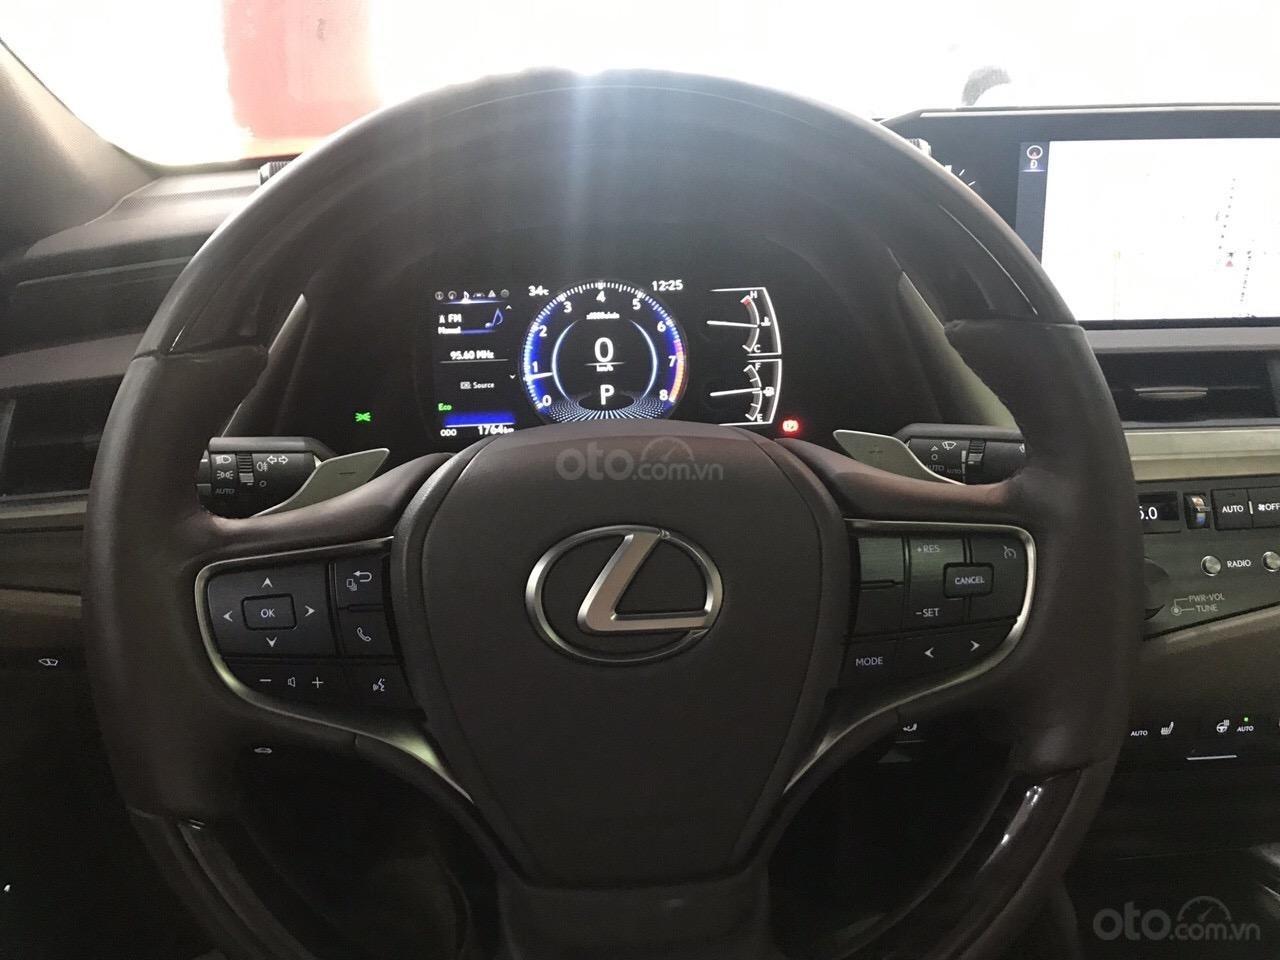 Bán Lexus ES 250 2019, đi đúng 2500km siêu lướt, bảo hành 3 năm bao kiểm tra chất lượng xe tại hãng (5)